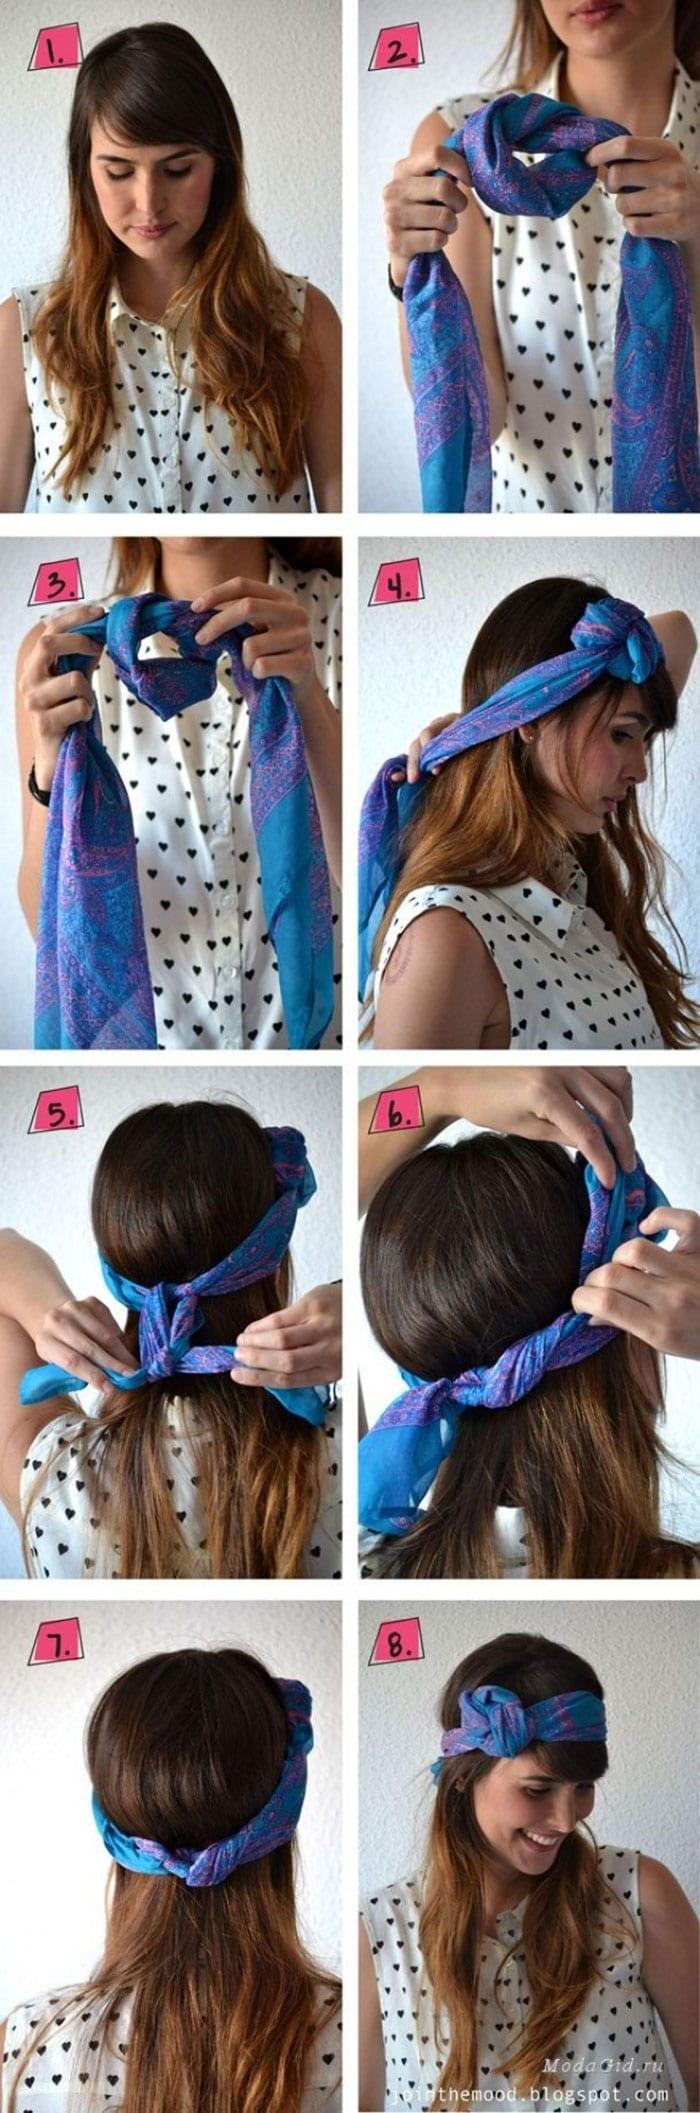 Εκπληκτικοί τρόποι για να δέσετε ένα μαντήλι στα μαλλιά (9)